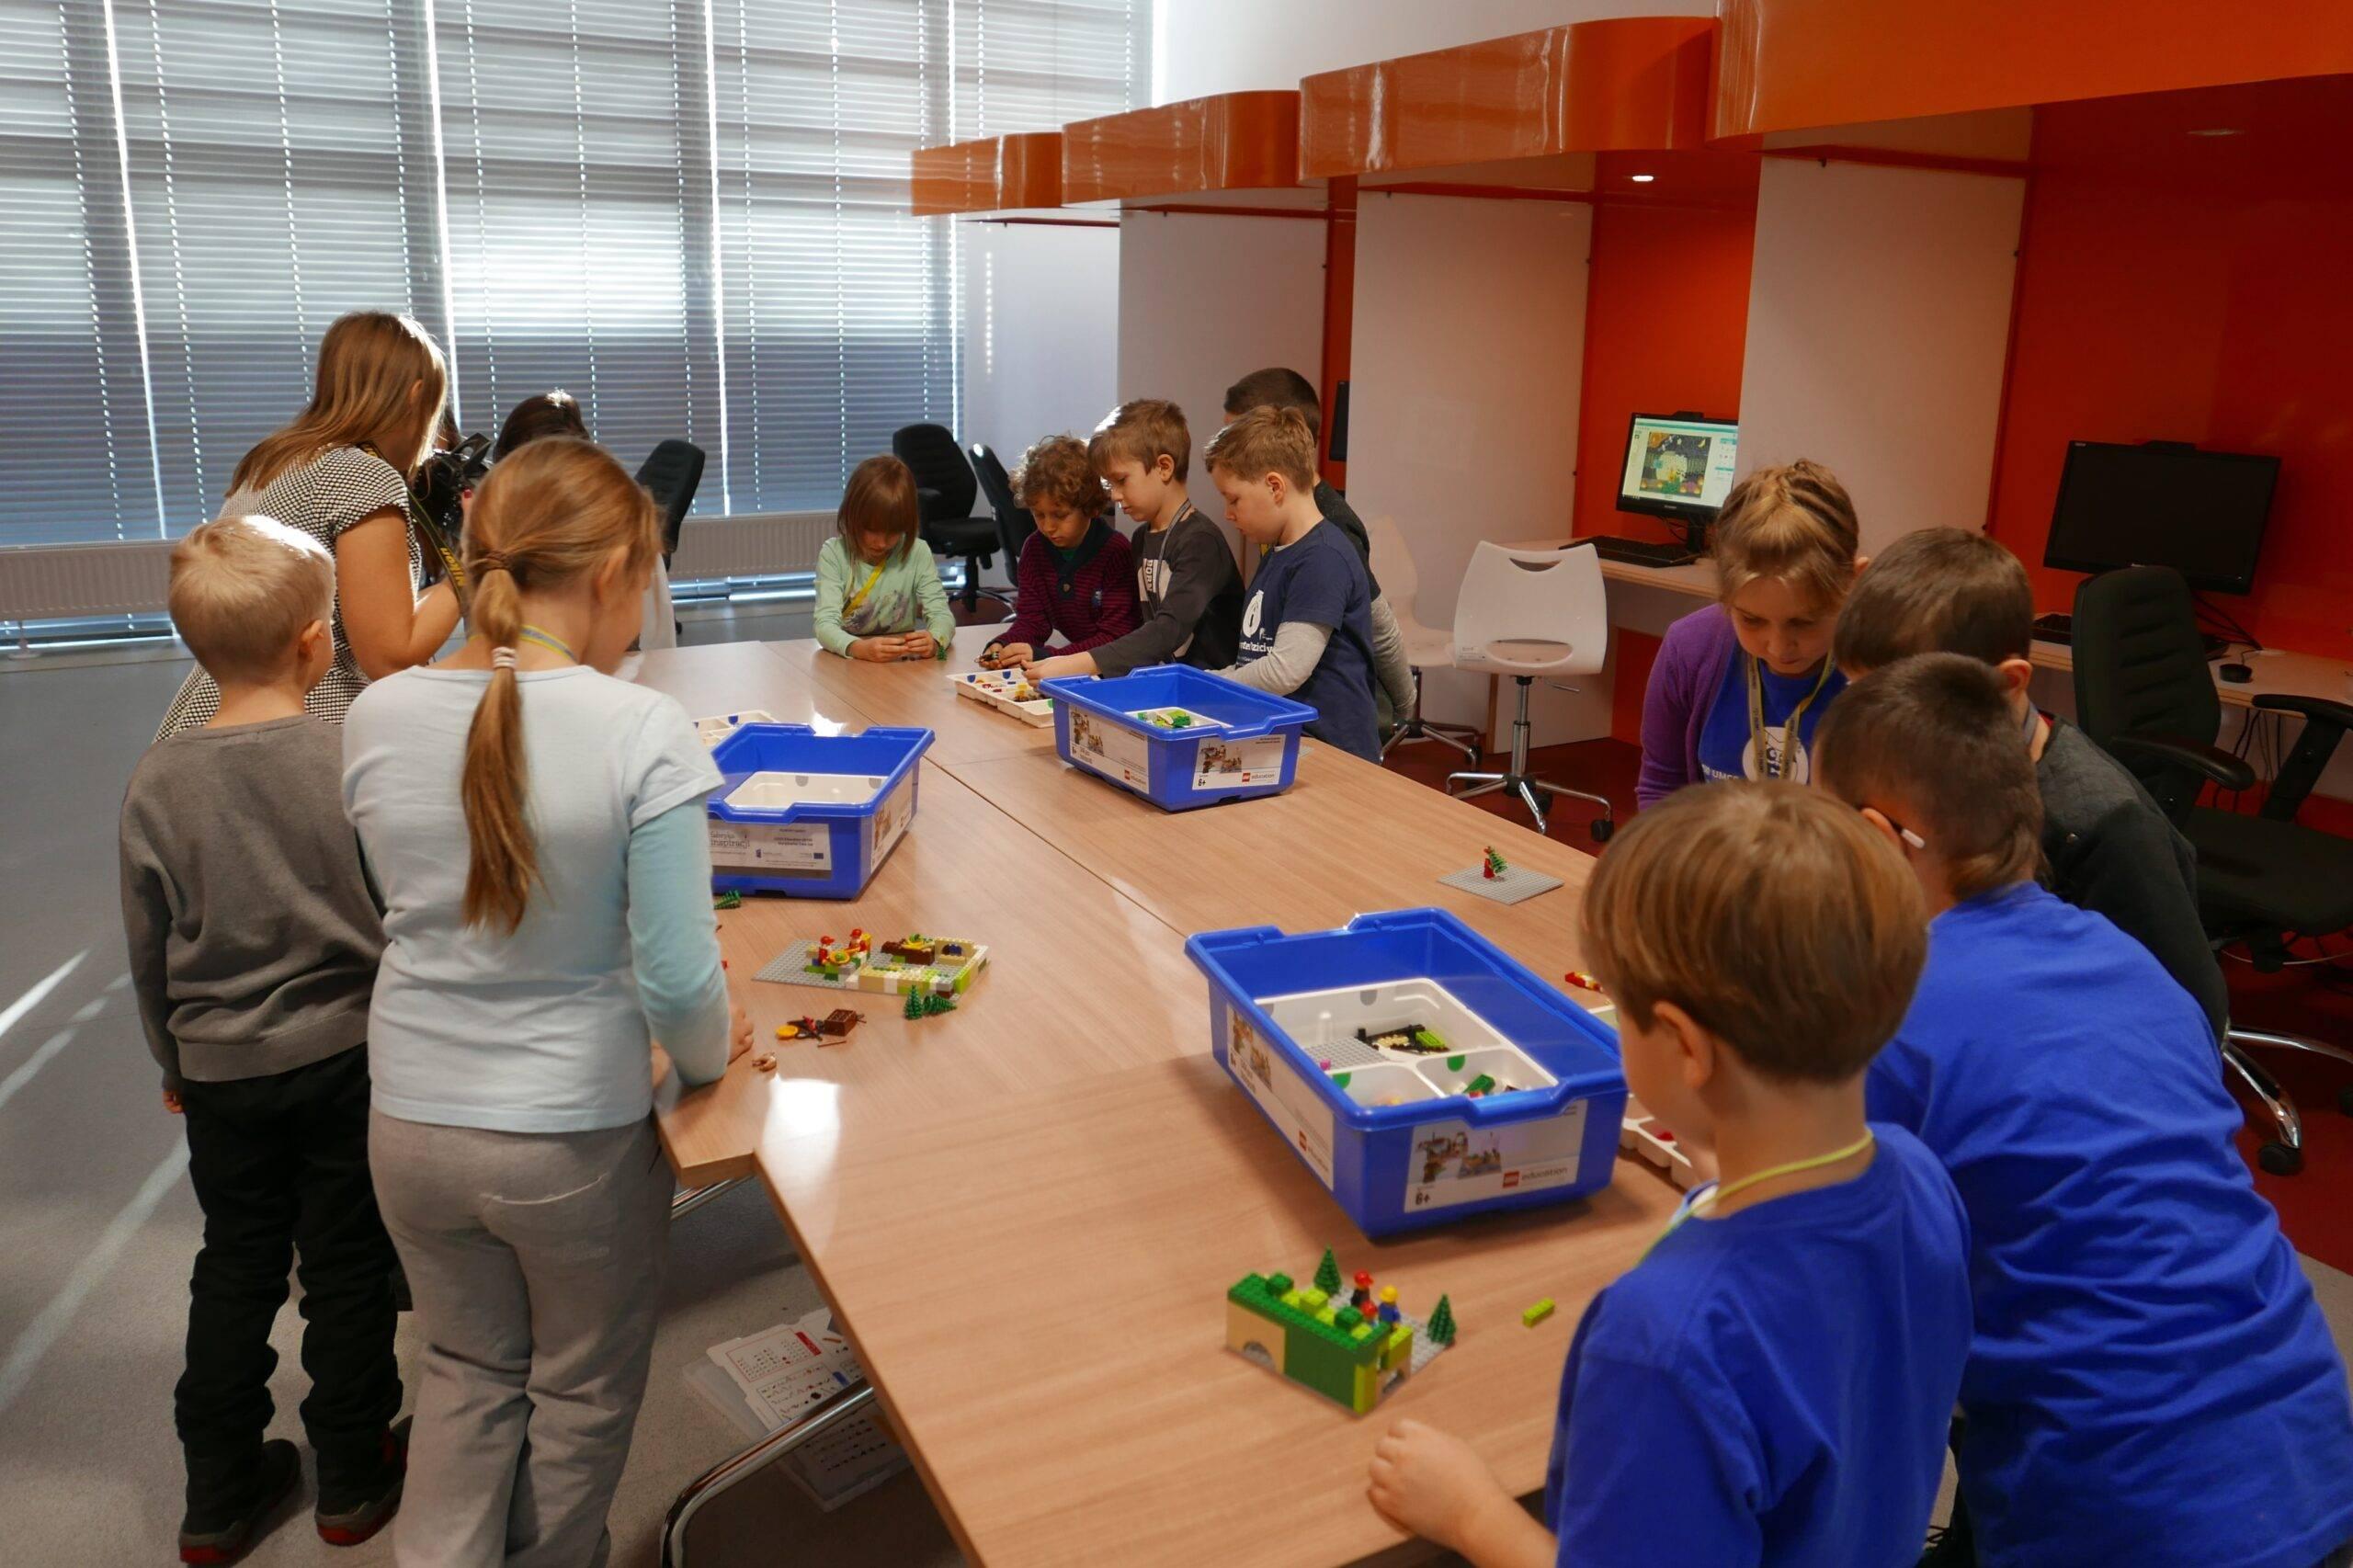 Uniwersytet Dziecięcy - Budowanie makiety z klocków Lego